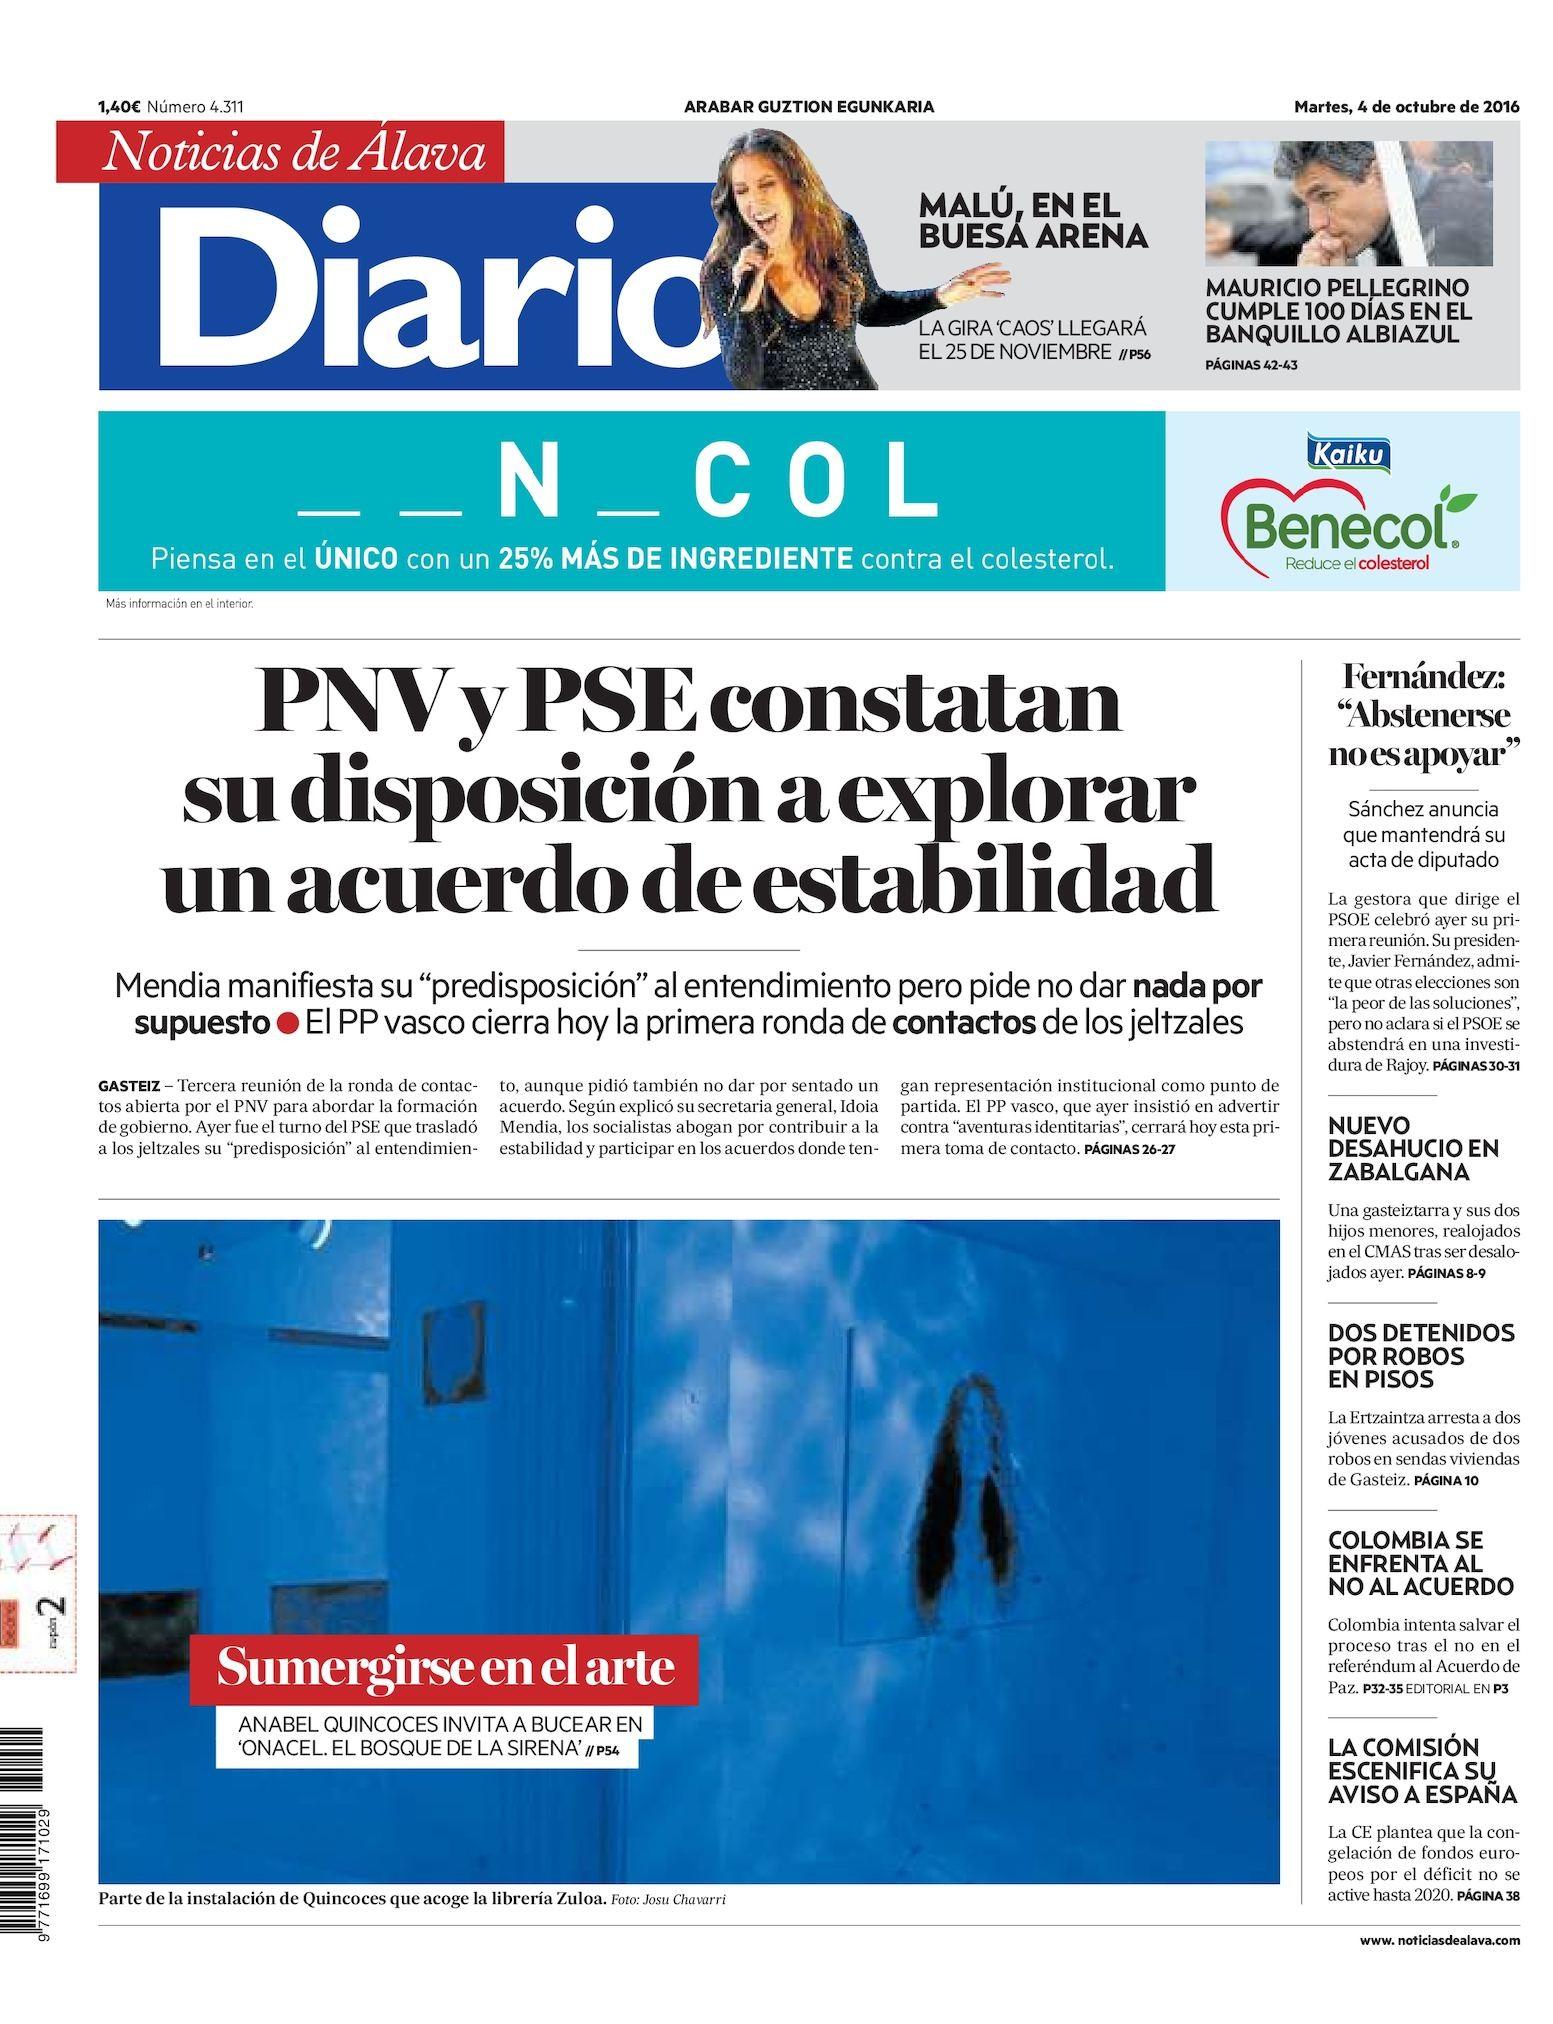 Calendario Electoral 2019 En Colombia Más Populares Calaméo Diario De Noticias De lava Of Calendario Electoral 2019 En Colombia Más Arriba-a-fecha Calaméo Diario De Noticias De lava